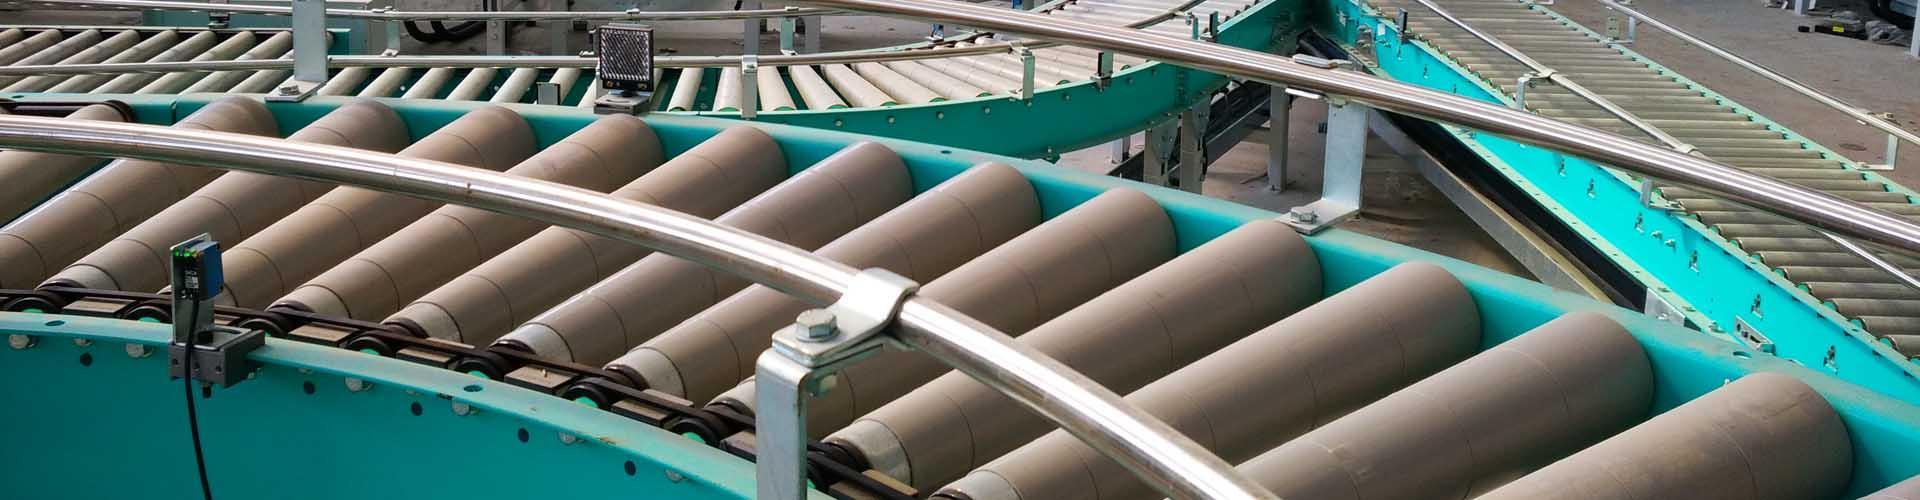 1600 Series Gravity Tapered Sleeve Conveyor Roller